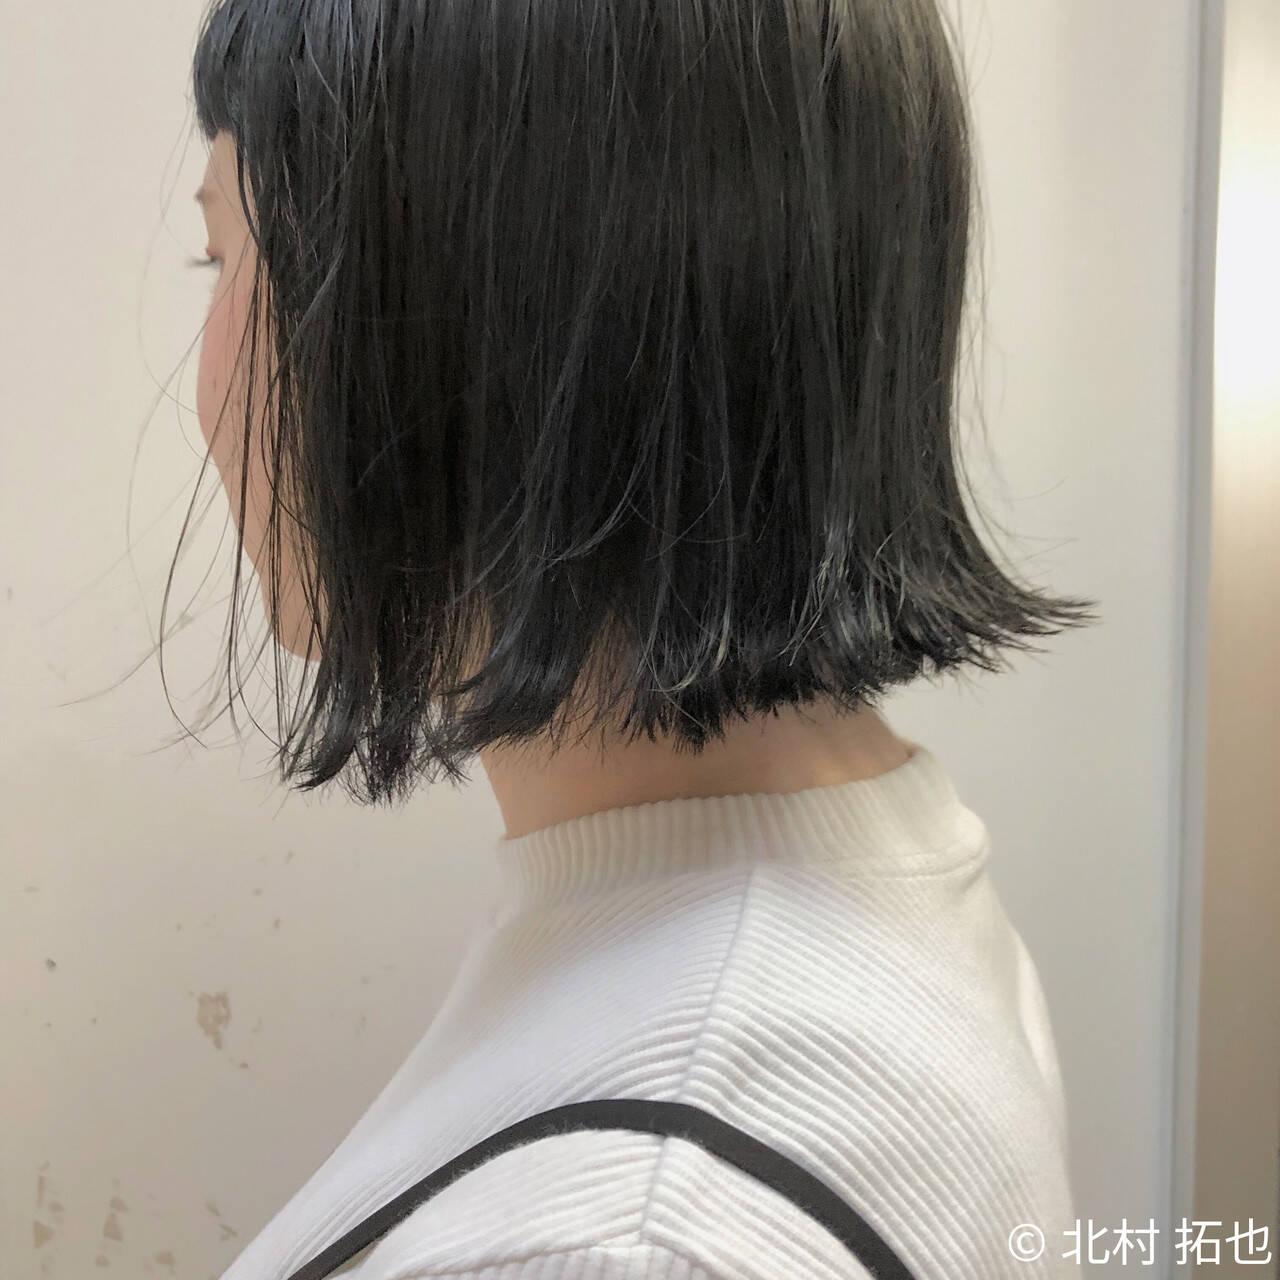 グレージュ ボブ 透明感カラー 切りっぱなしボブヘアスタイルや髪型の写真・画像